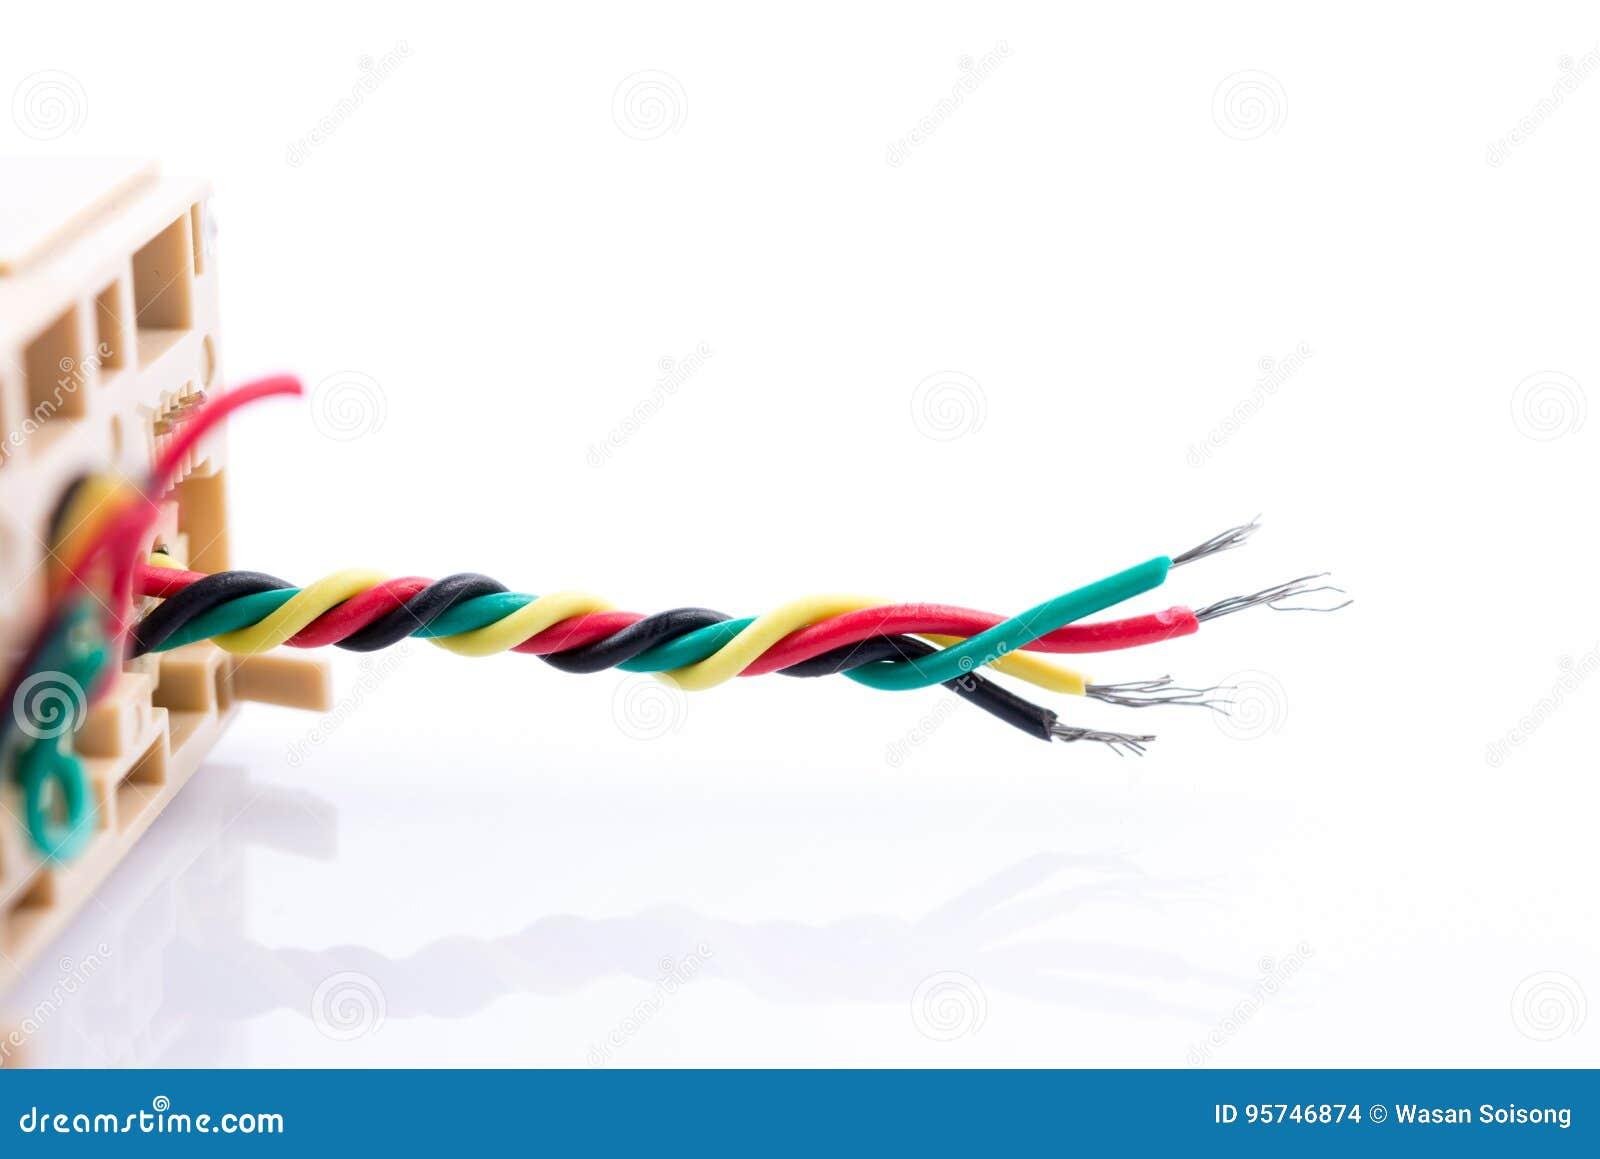 Färben Sie Drahtseil-Technologieausrüstungs-Plastiknetz elektrisch